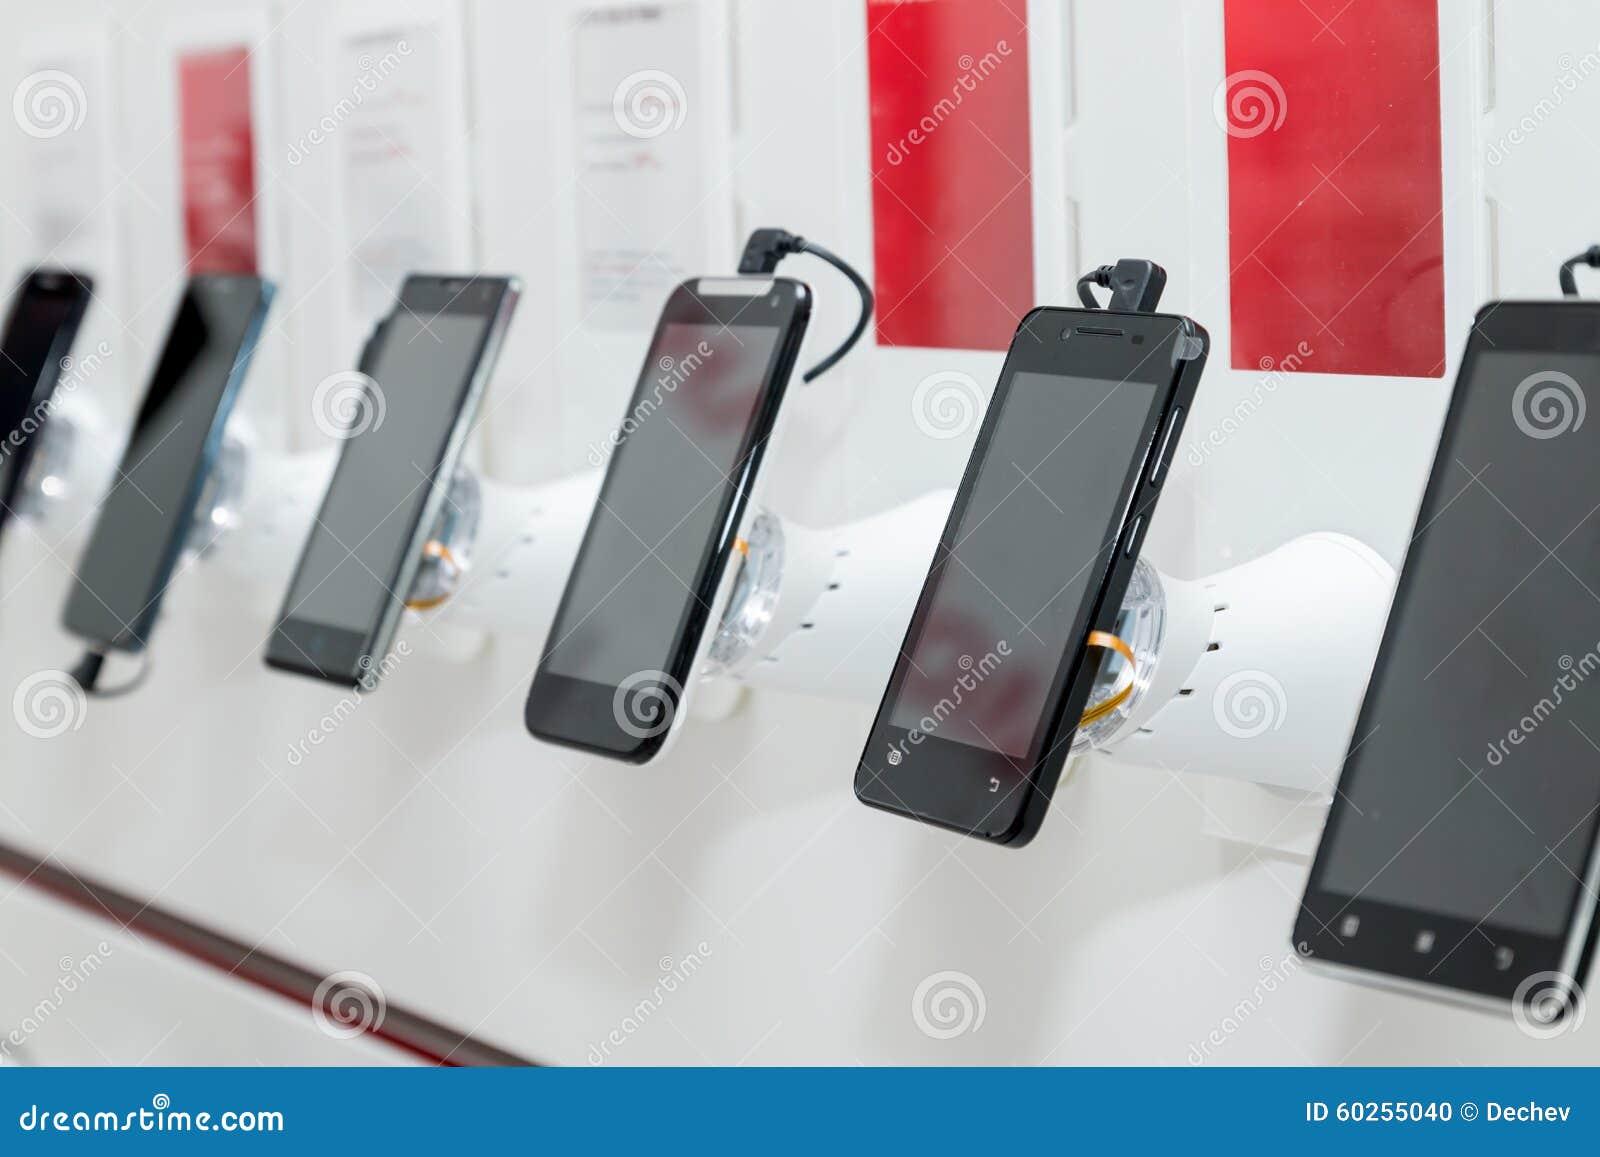 Mobiele telefoons in toonzaal